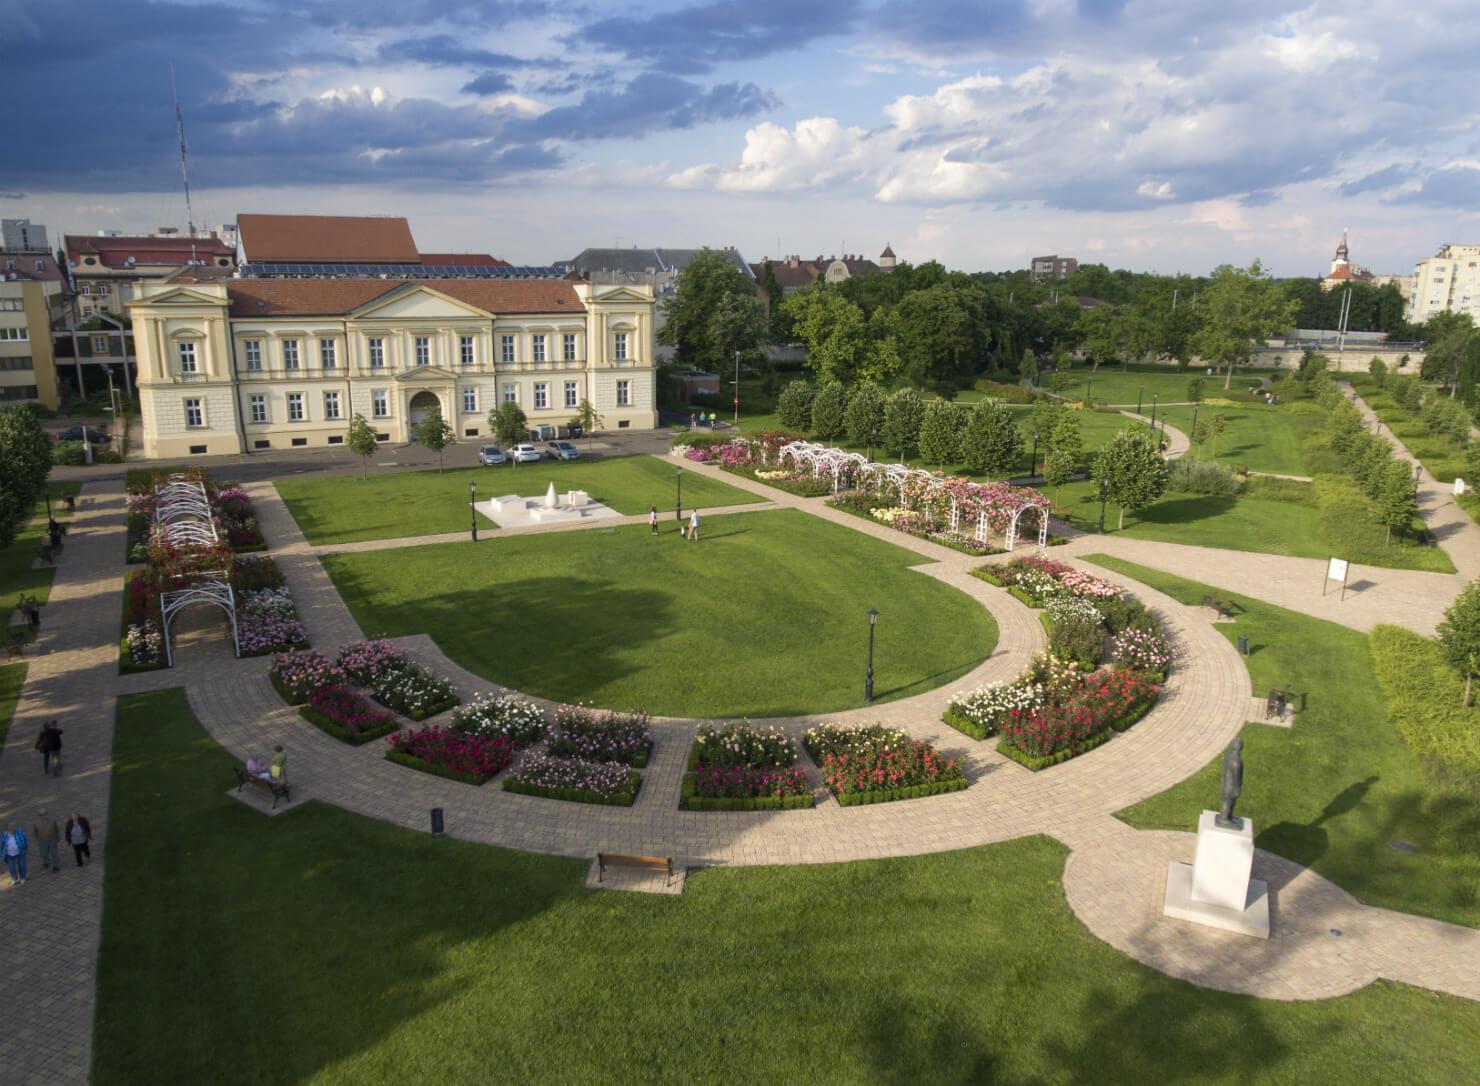 Rozárium - Magyar rózsák kertje - Szolnok